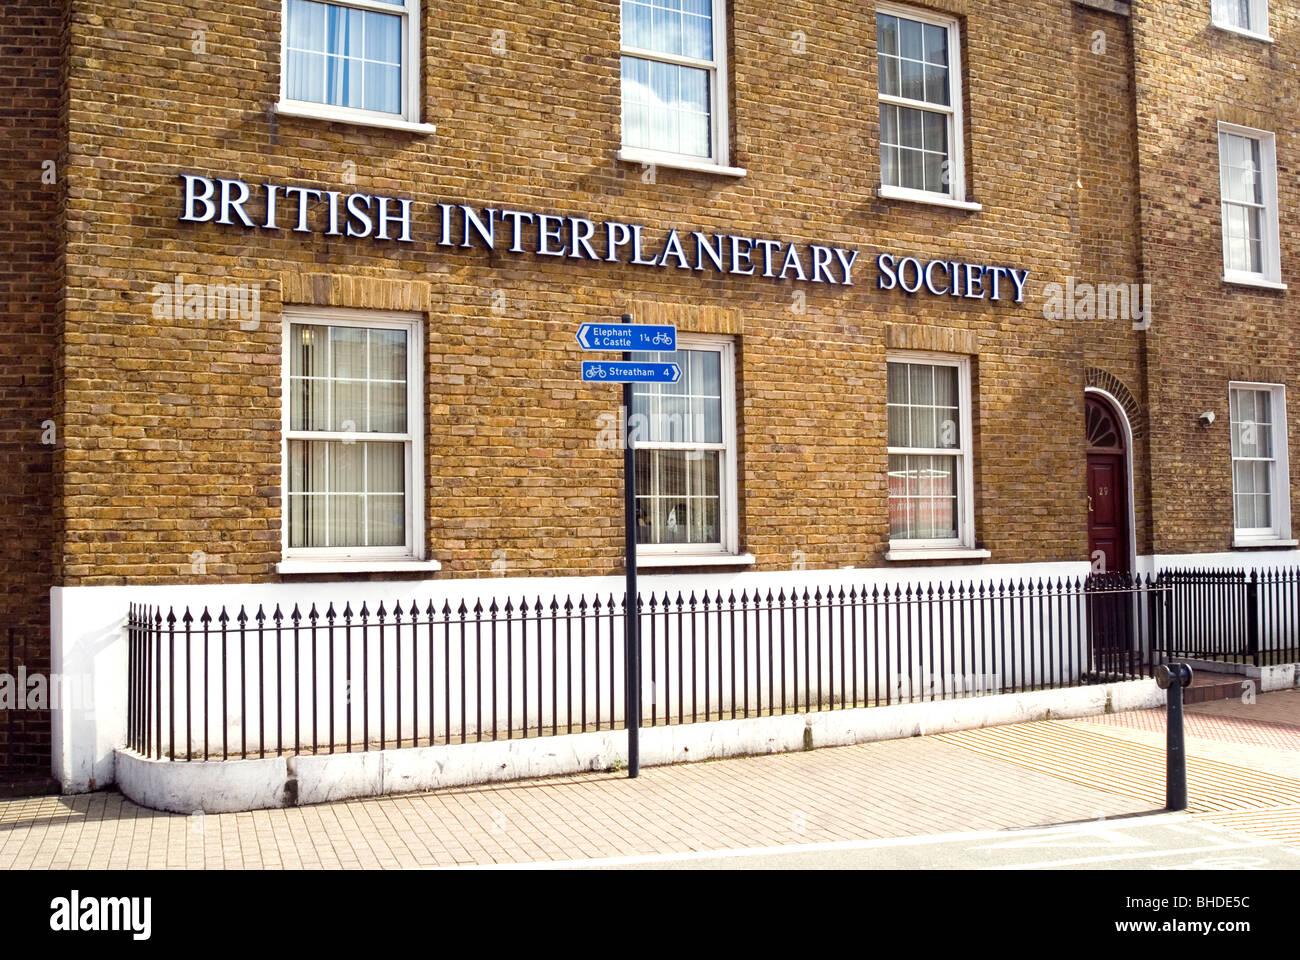 British Interplanetary Society - Stock Image